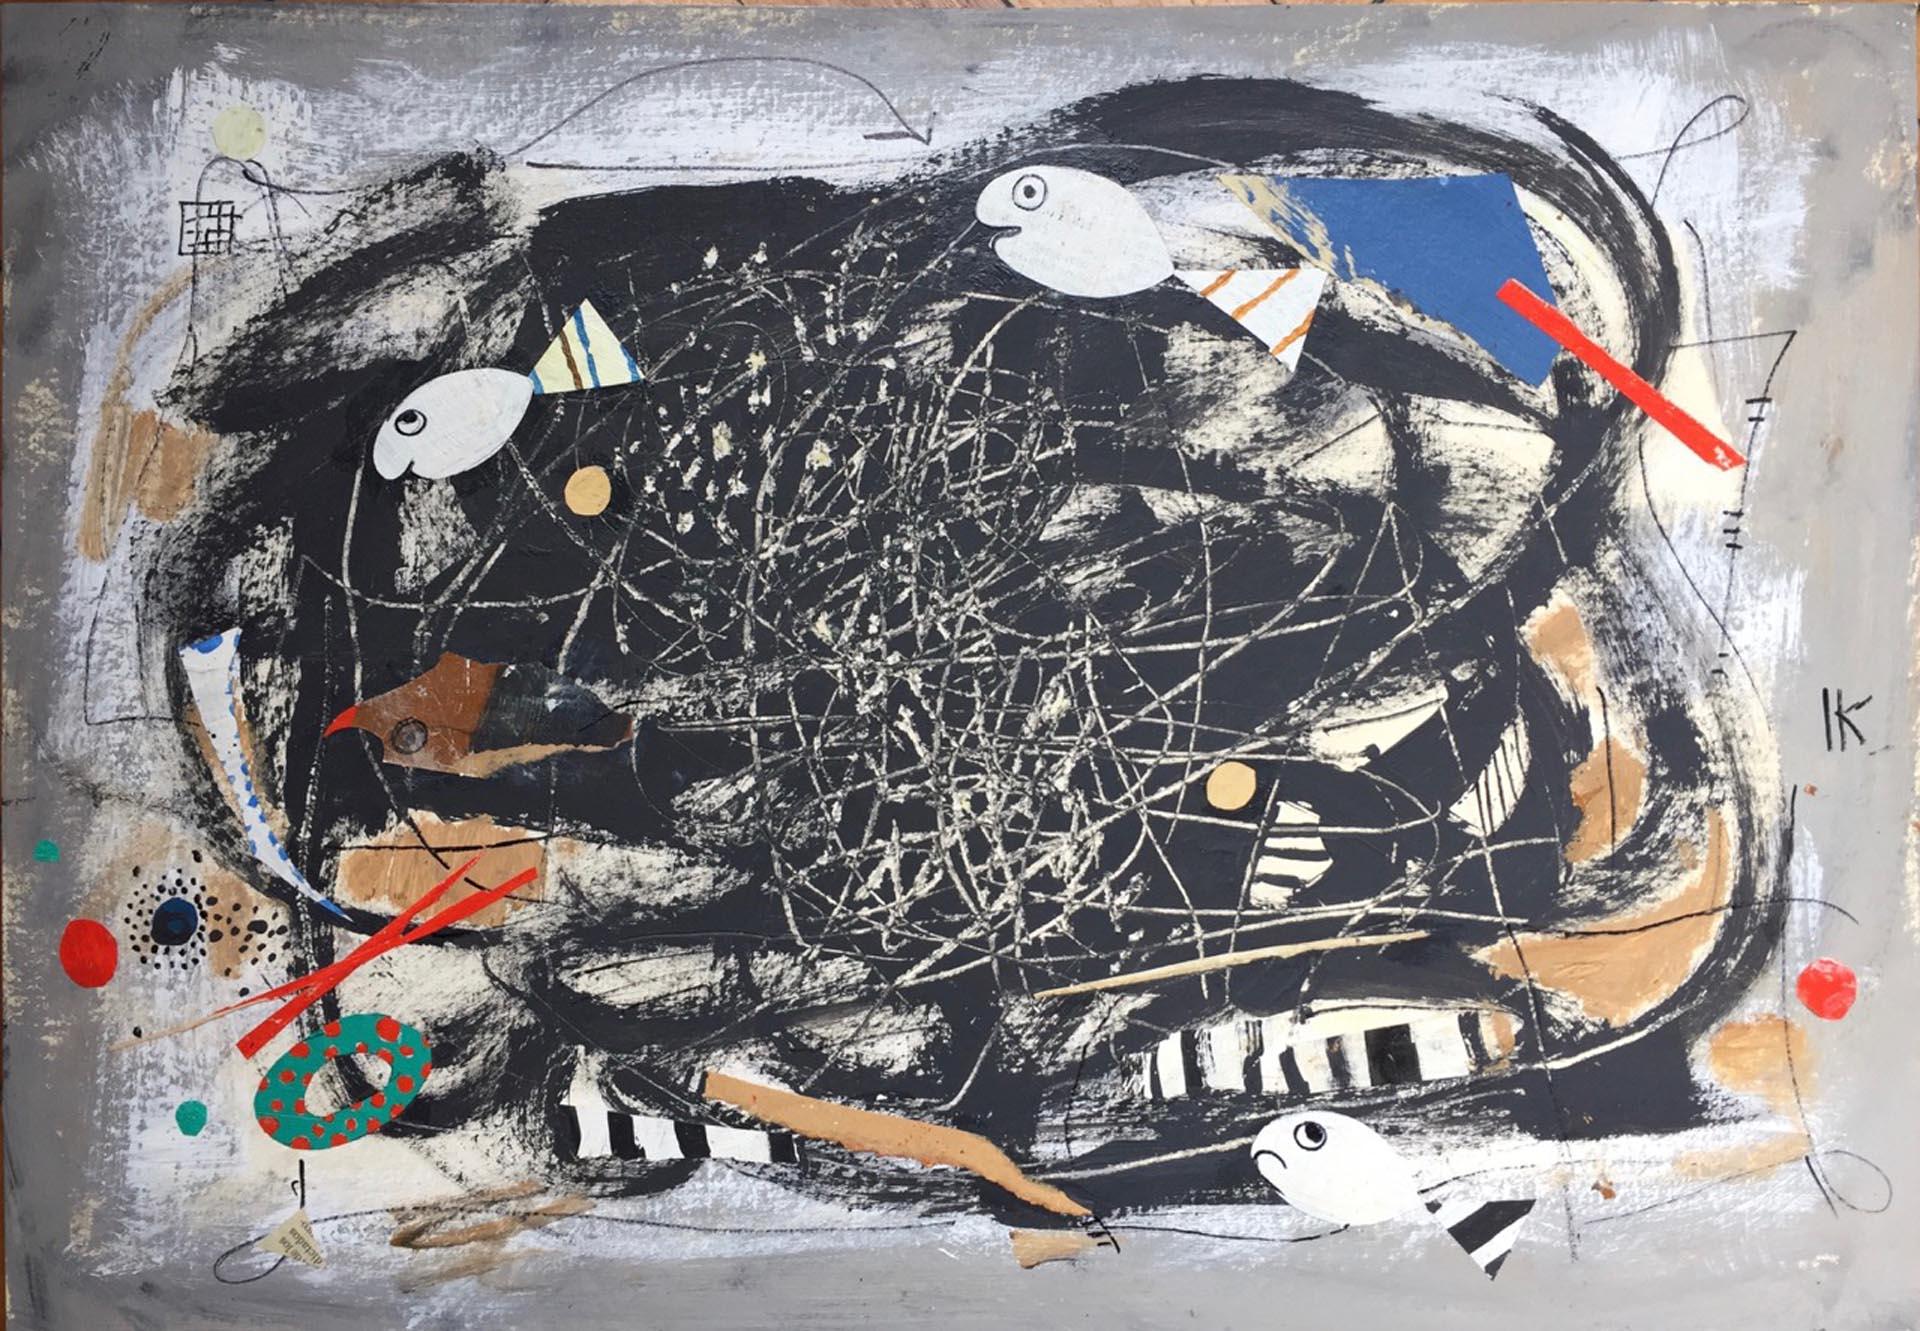 La mayoría de las obras son en su gran mayoría, papeles íntimos que permiten un acercamiento al desarrollo creativo de Kihlen